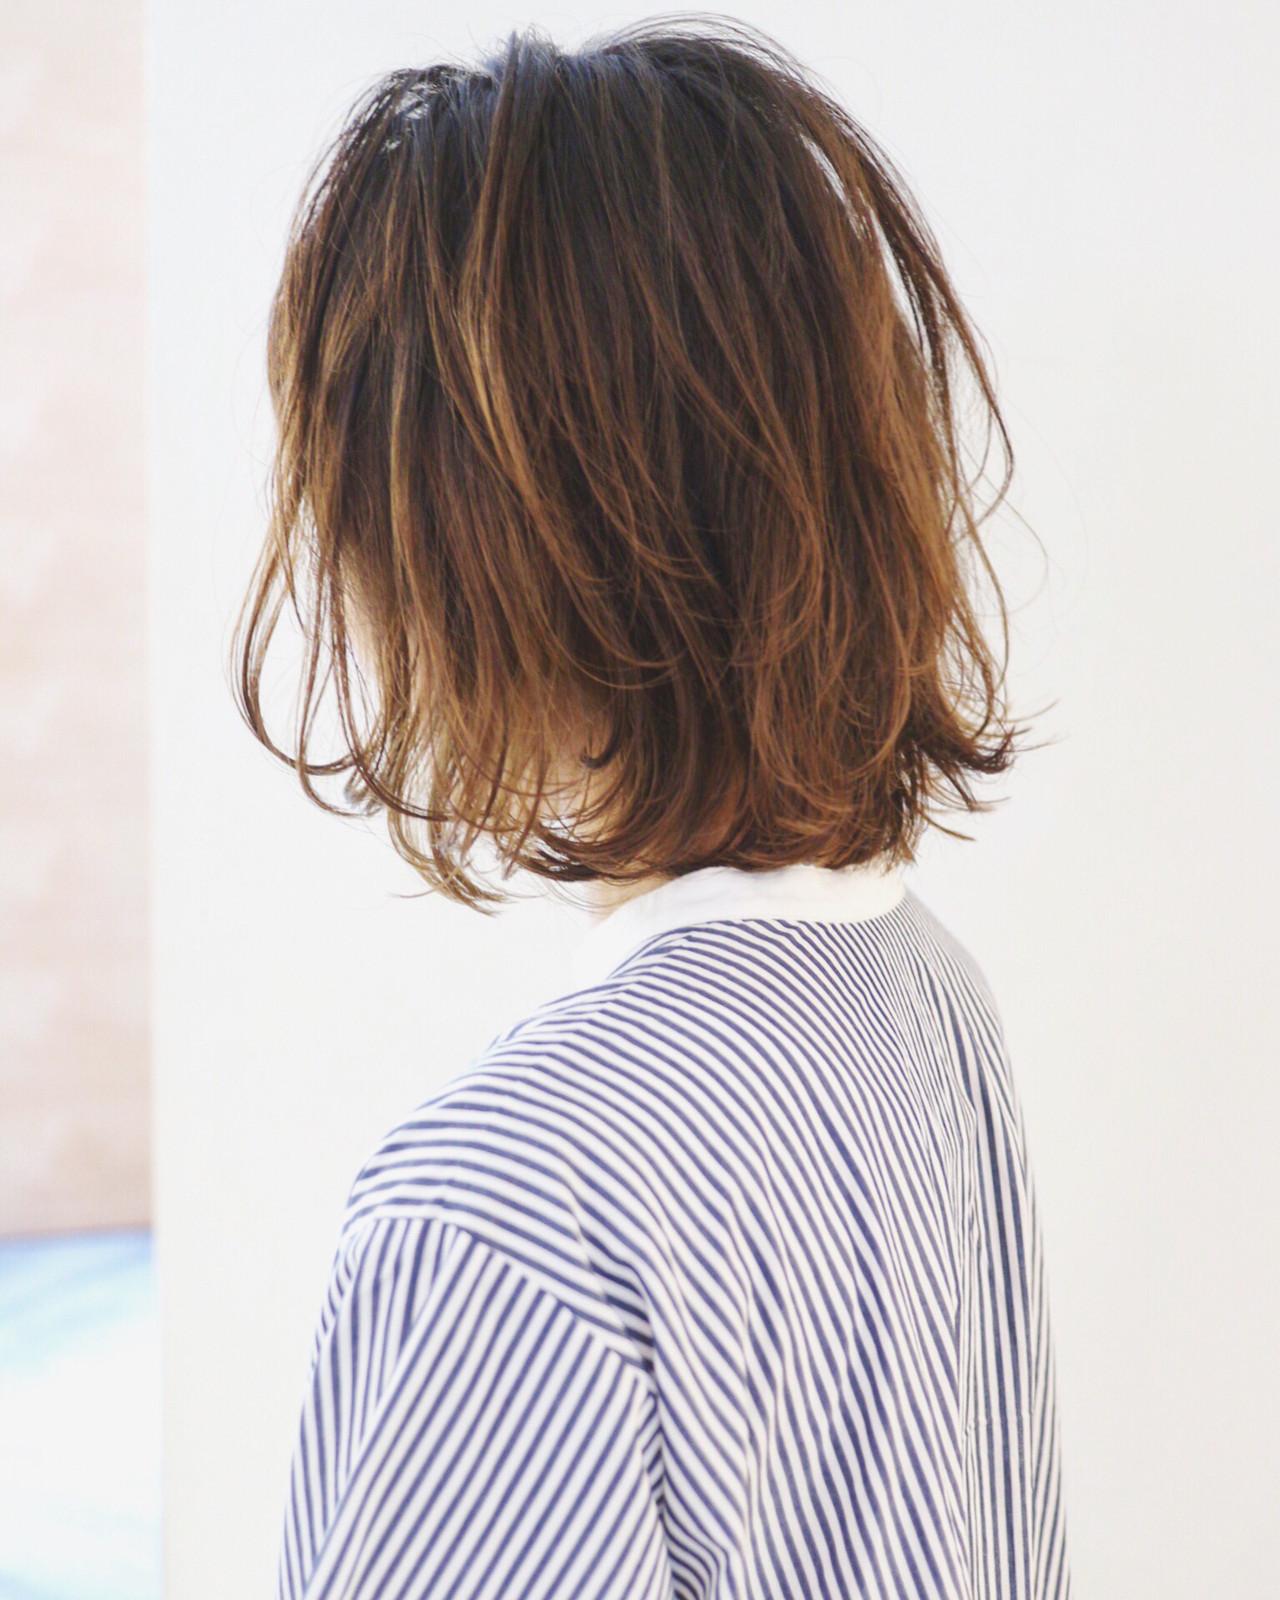 バレイヤージュ グラデーションカラー ハイライト パーマ ヘアスタイルや髪型の写真・画像 | 三好 佳奈美 / Baco.(バコ)